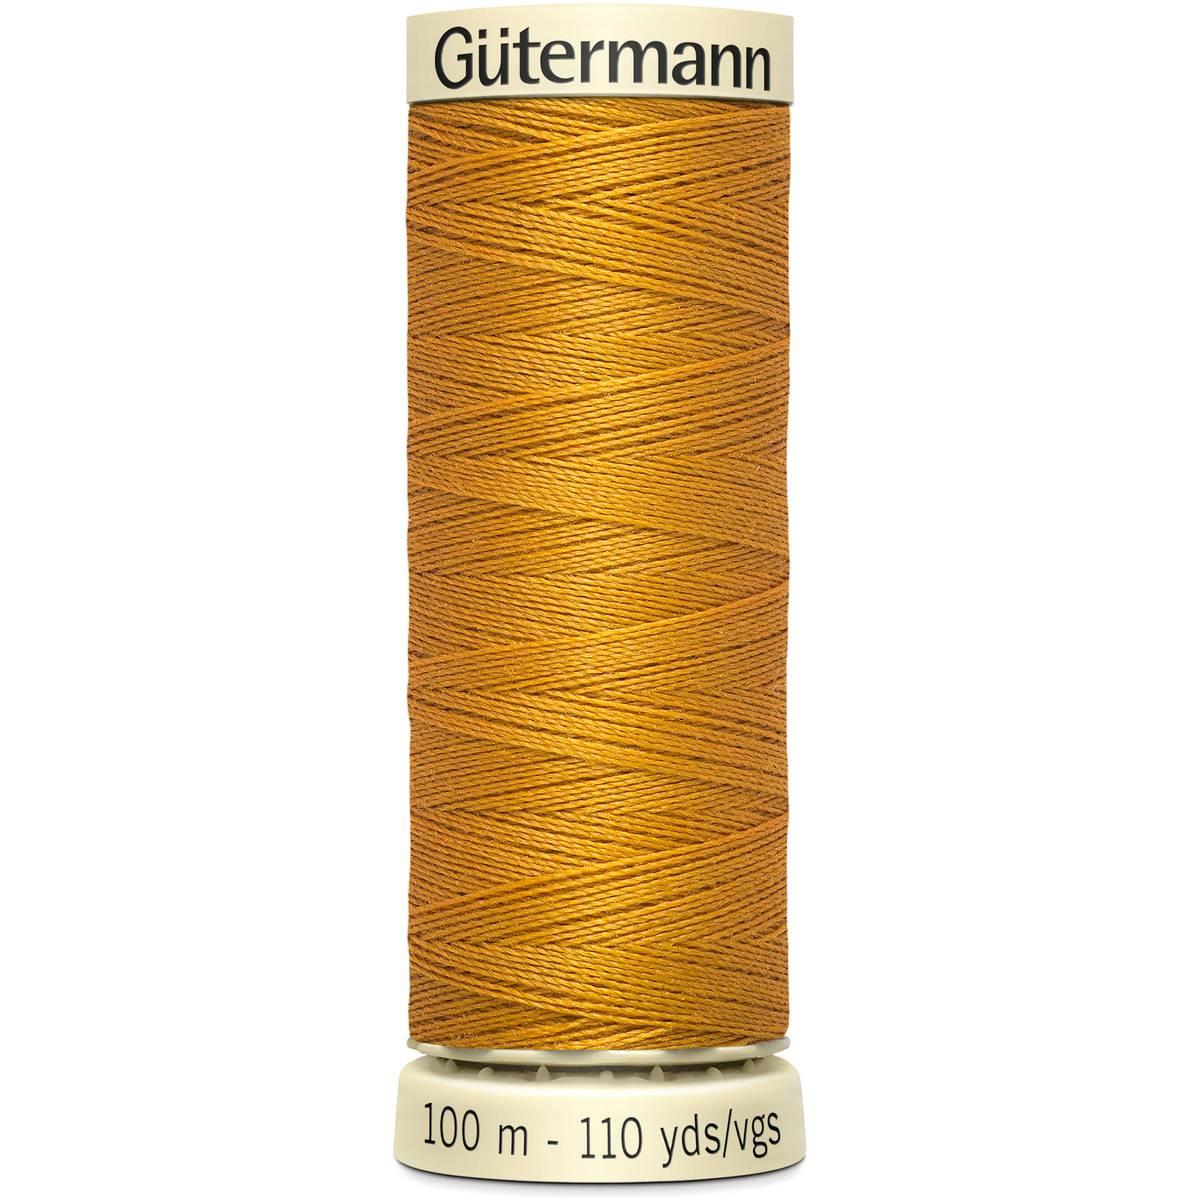 חוט תפירה גוטרמן - Yellow 412